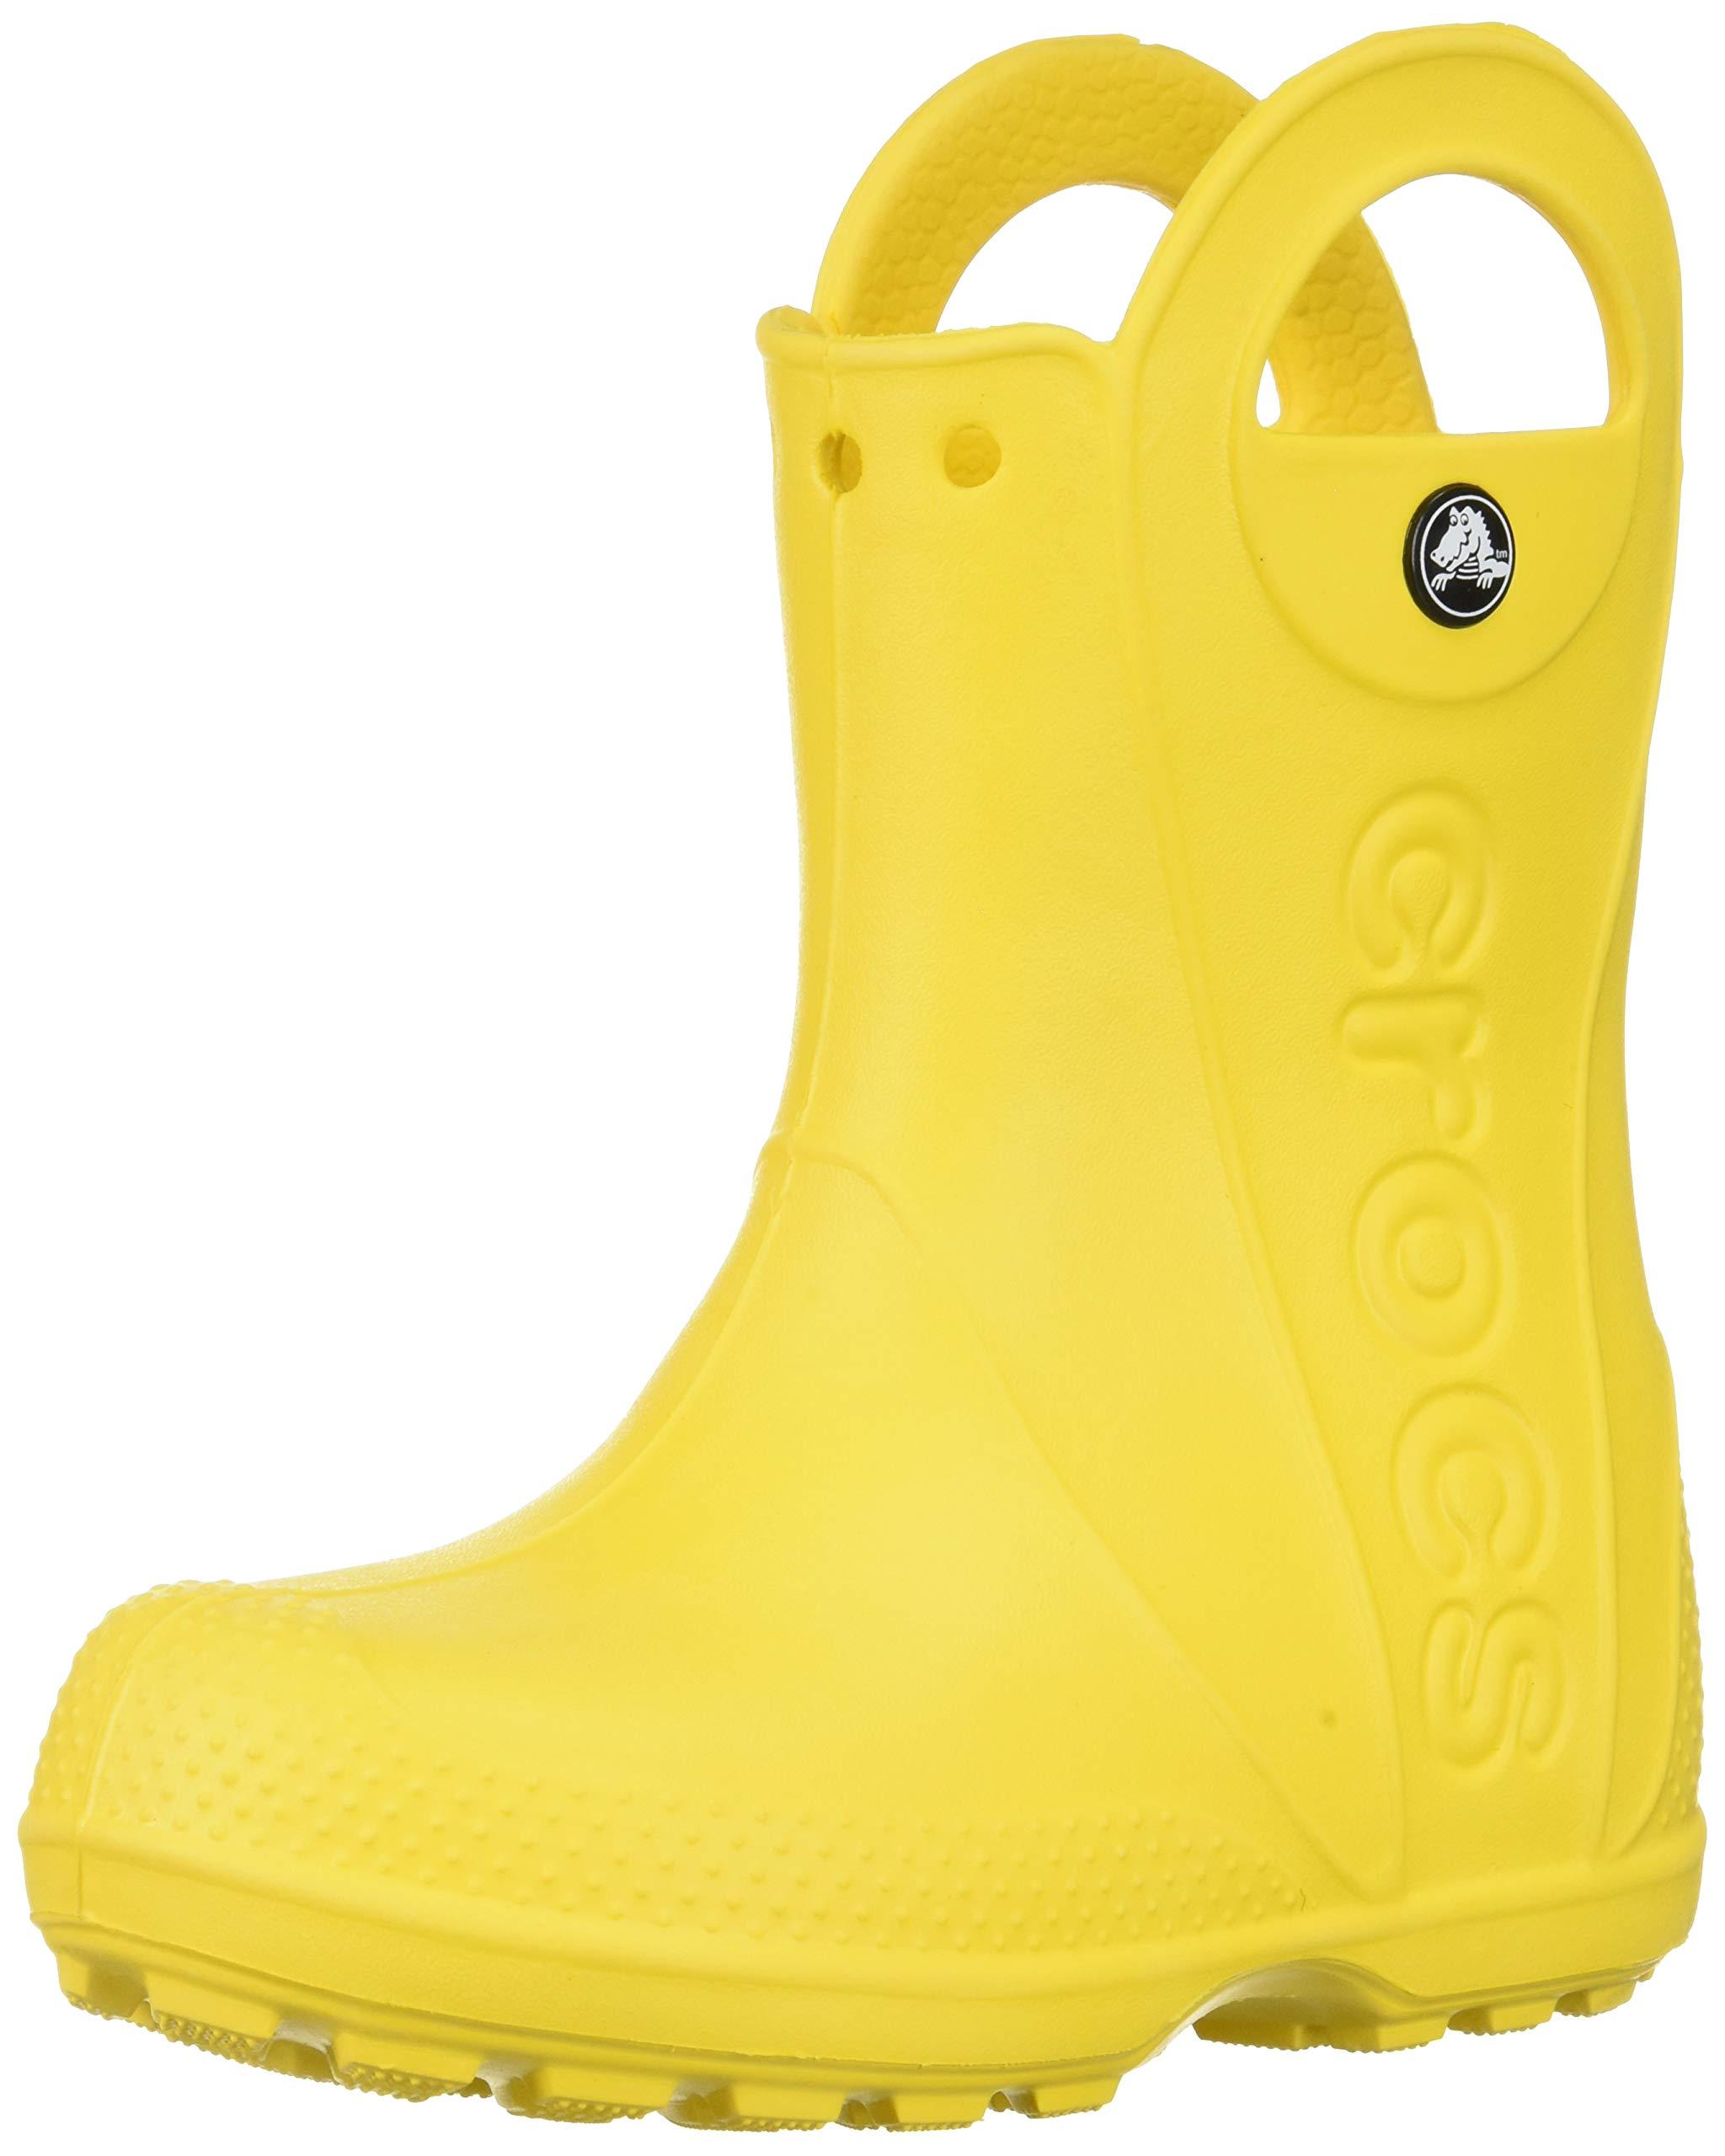 Crocs Kids Handle Yellow Little